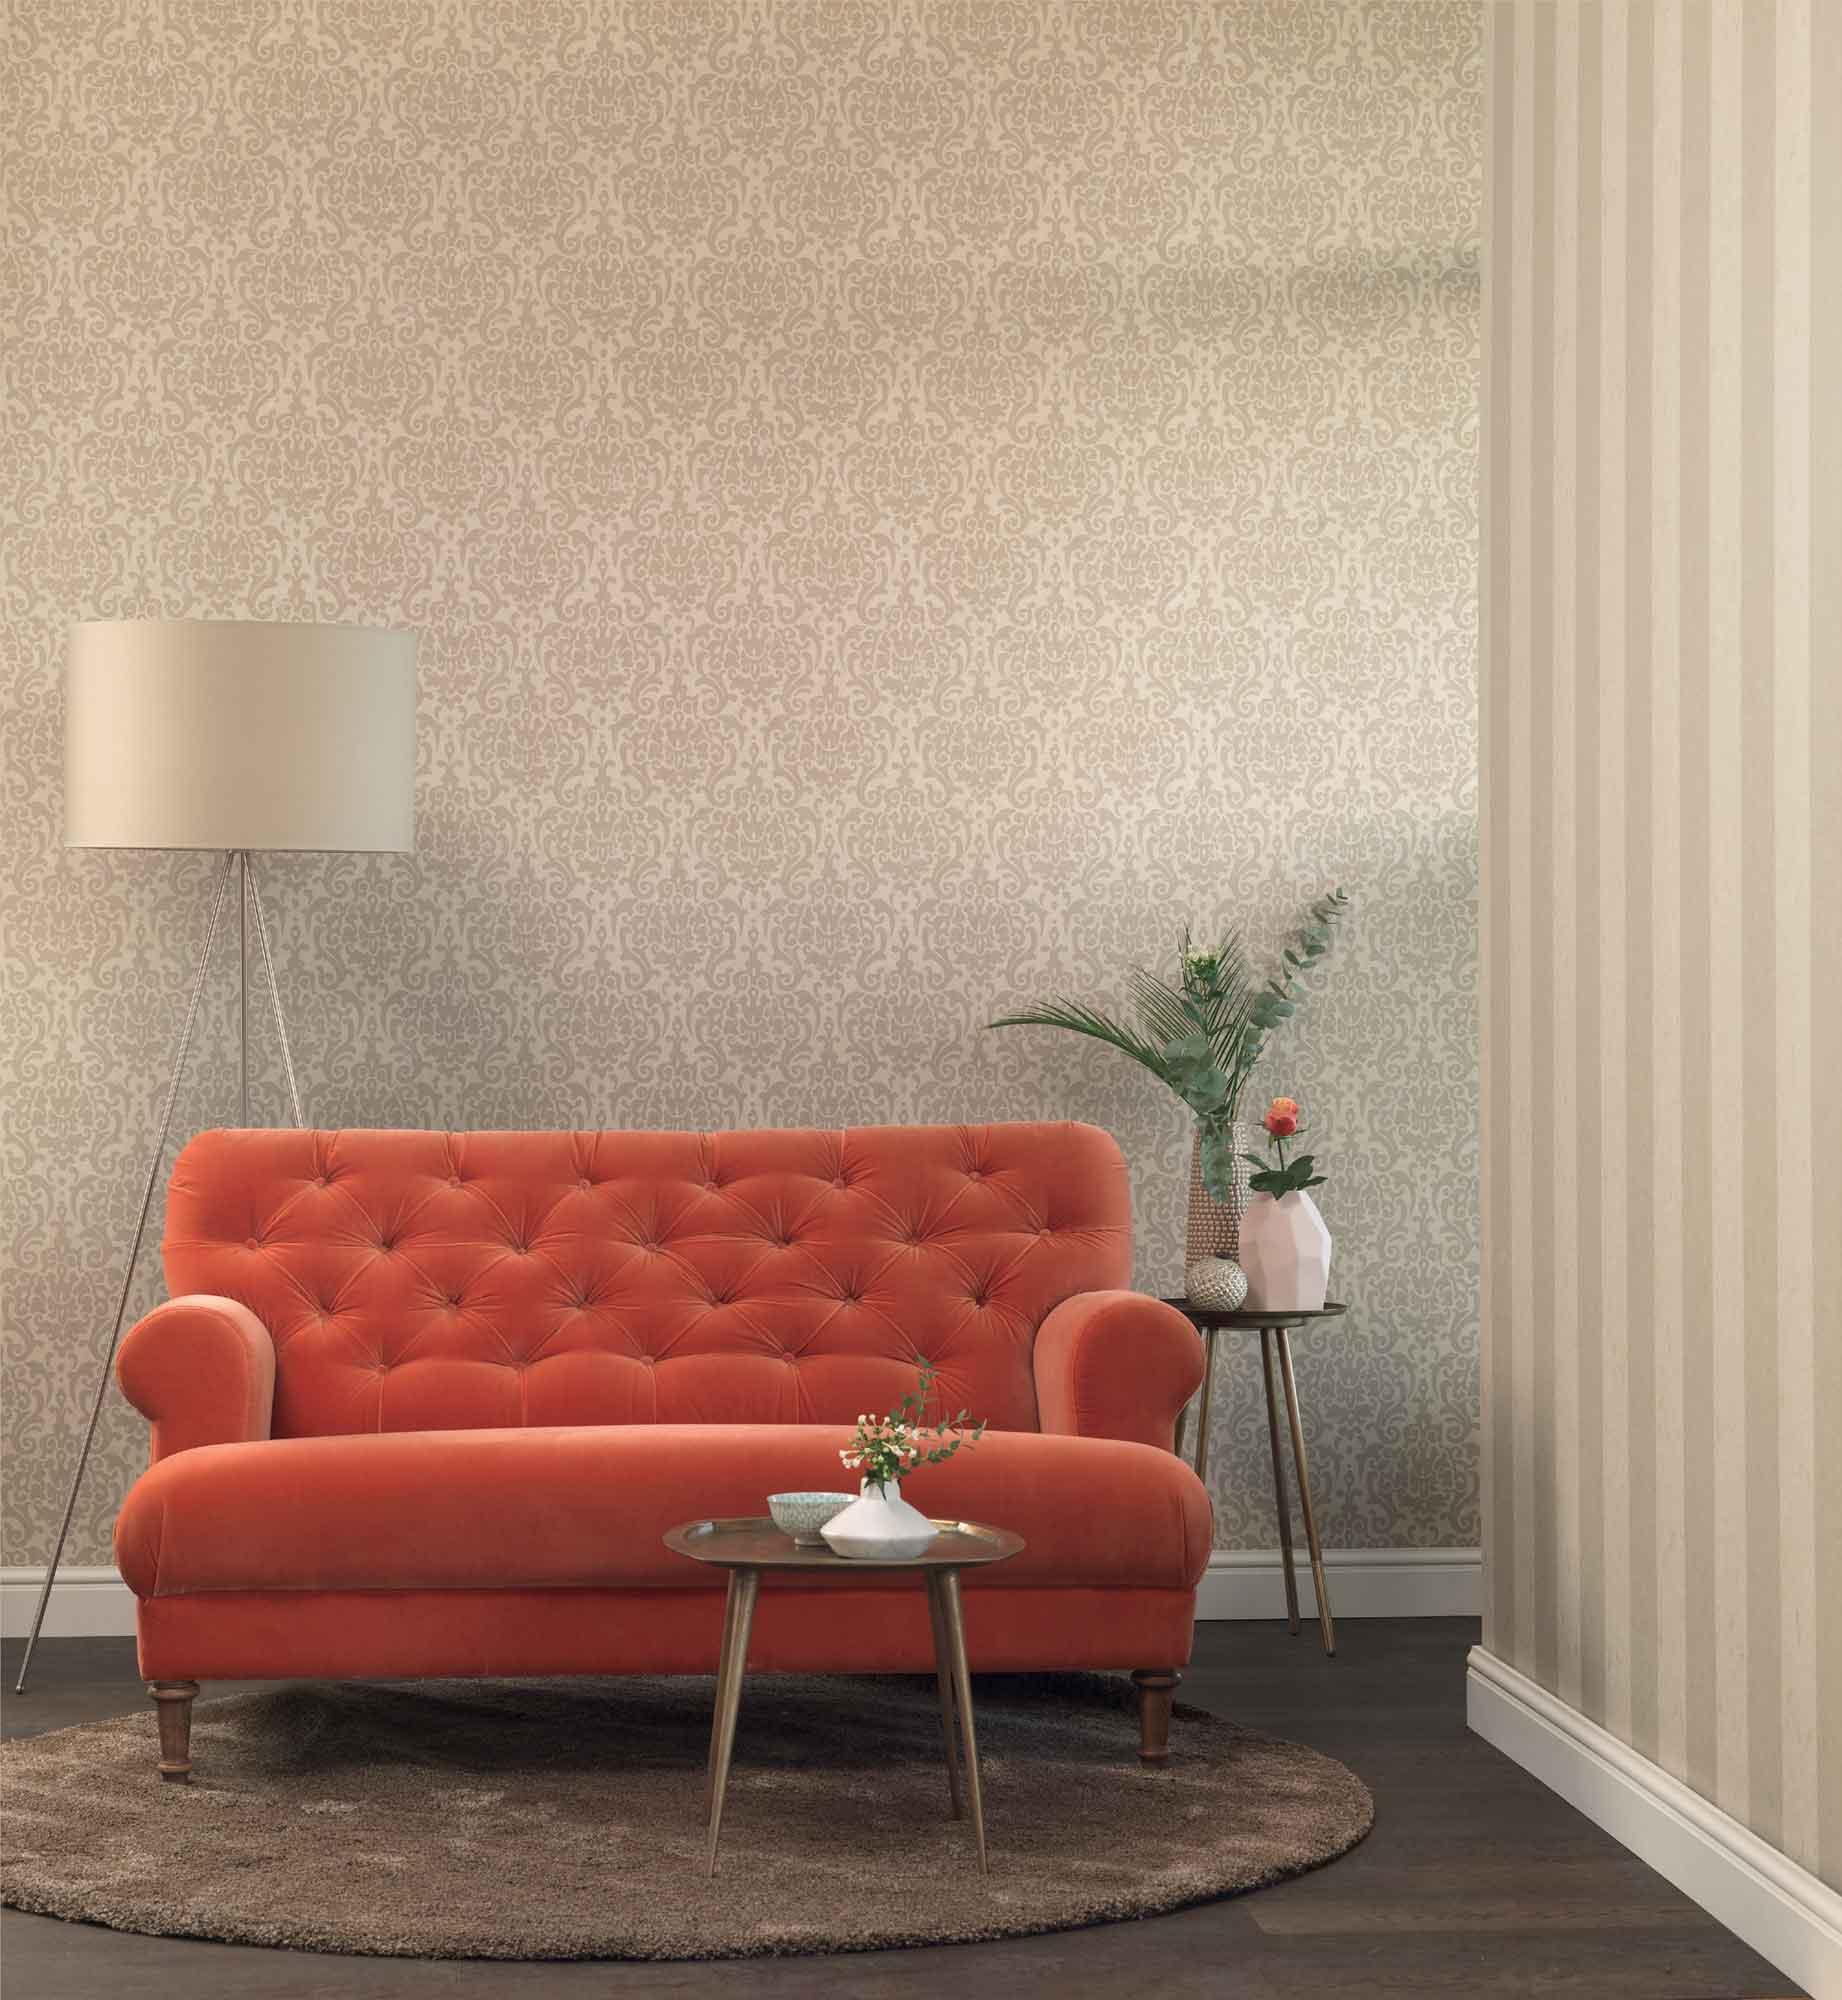 Full Size of Tapetenshop 23 Rasch Textil Tapeten Barock Ornamente Online Kaufen Wohnzimmer Deckenlampe Sessel Vorhang Indirekte Beleuchtung Vorhänge Für Küche Anbauwand Wohnzimmer Wohnzimmer Tapeten